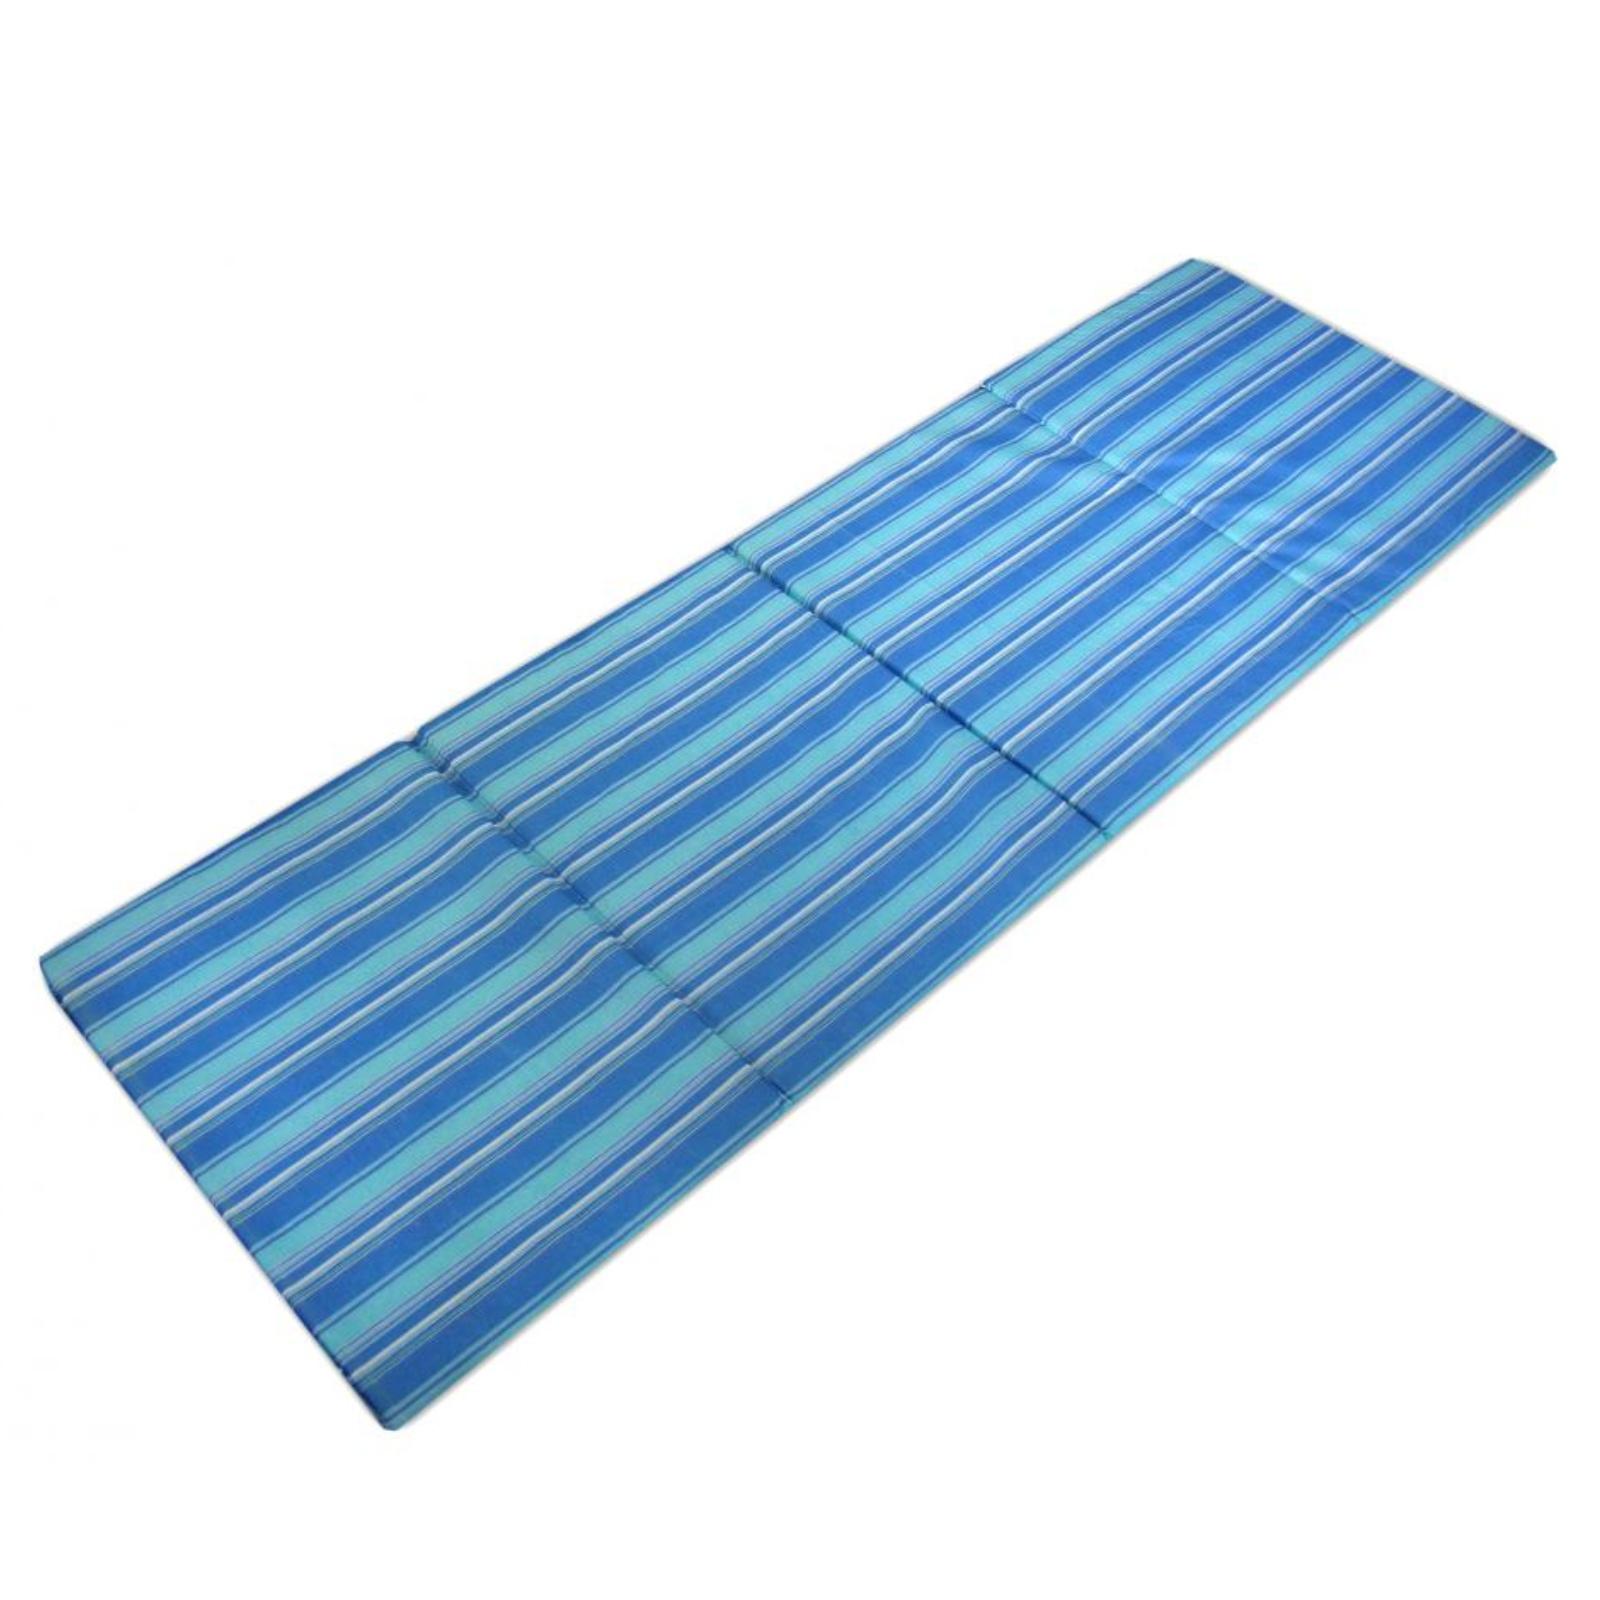 Plážové lehátko skladacie - modré